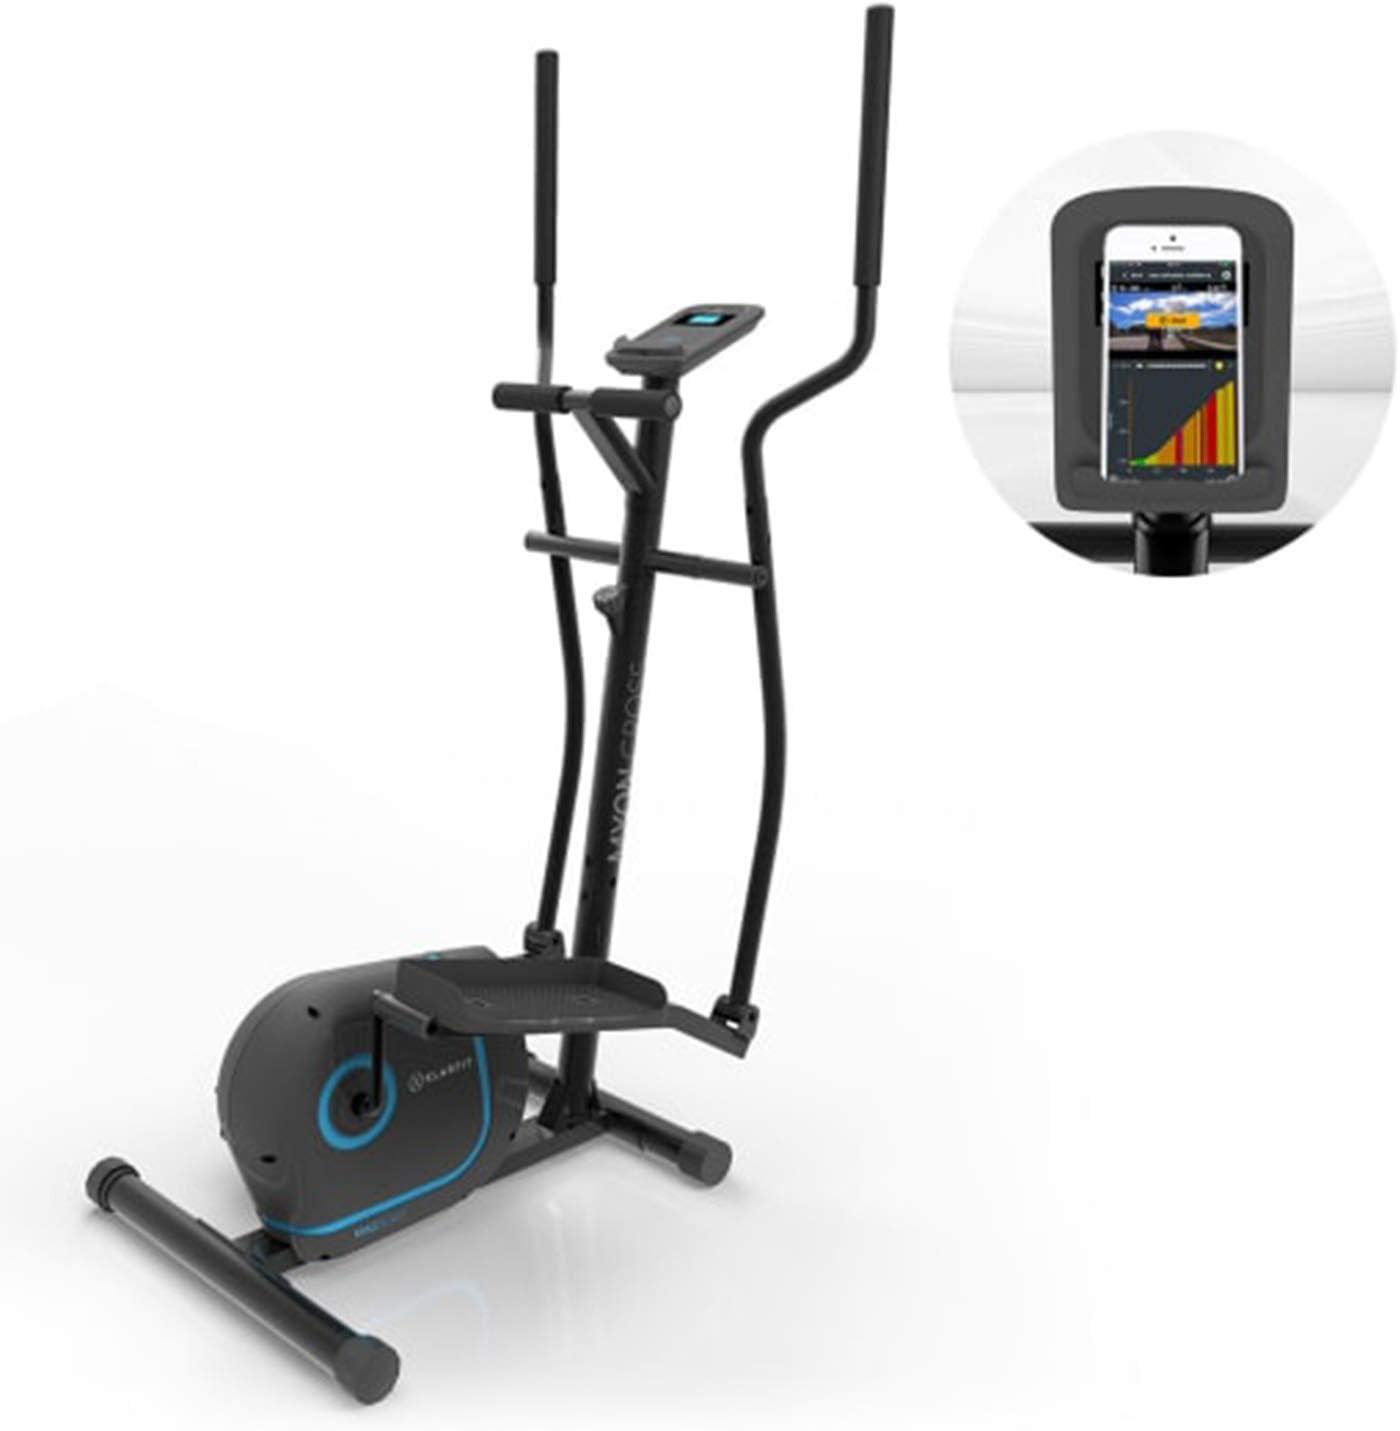 KLAR FIT Klarfit Myon Cross Premium Bicicleta elíptica - 8 Niveles, Volante de inercia de 12kg, Pantalla LCD, accionamiento por Correa silencioso, Pulsómetro, Protección del Suelo, Negro: Amazon.es: Deportes y aire libre